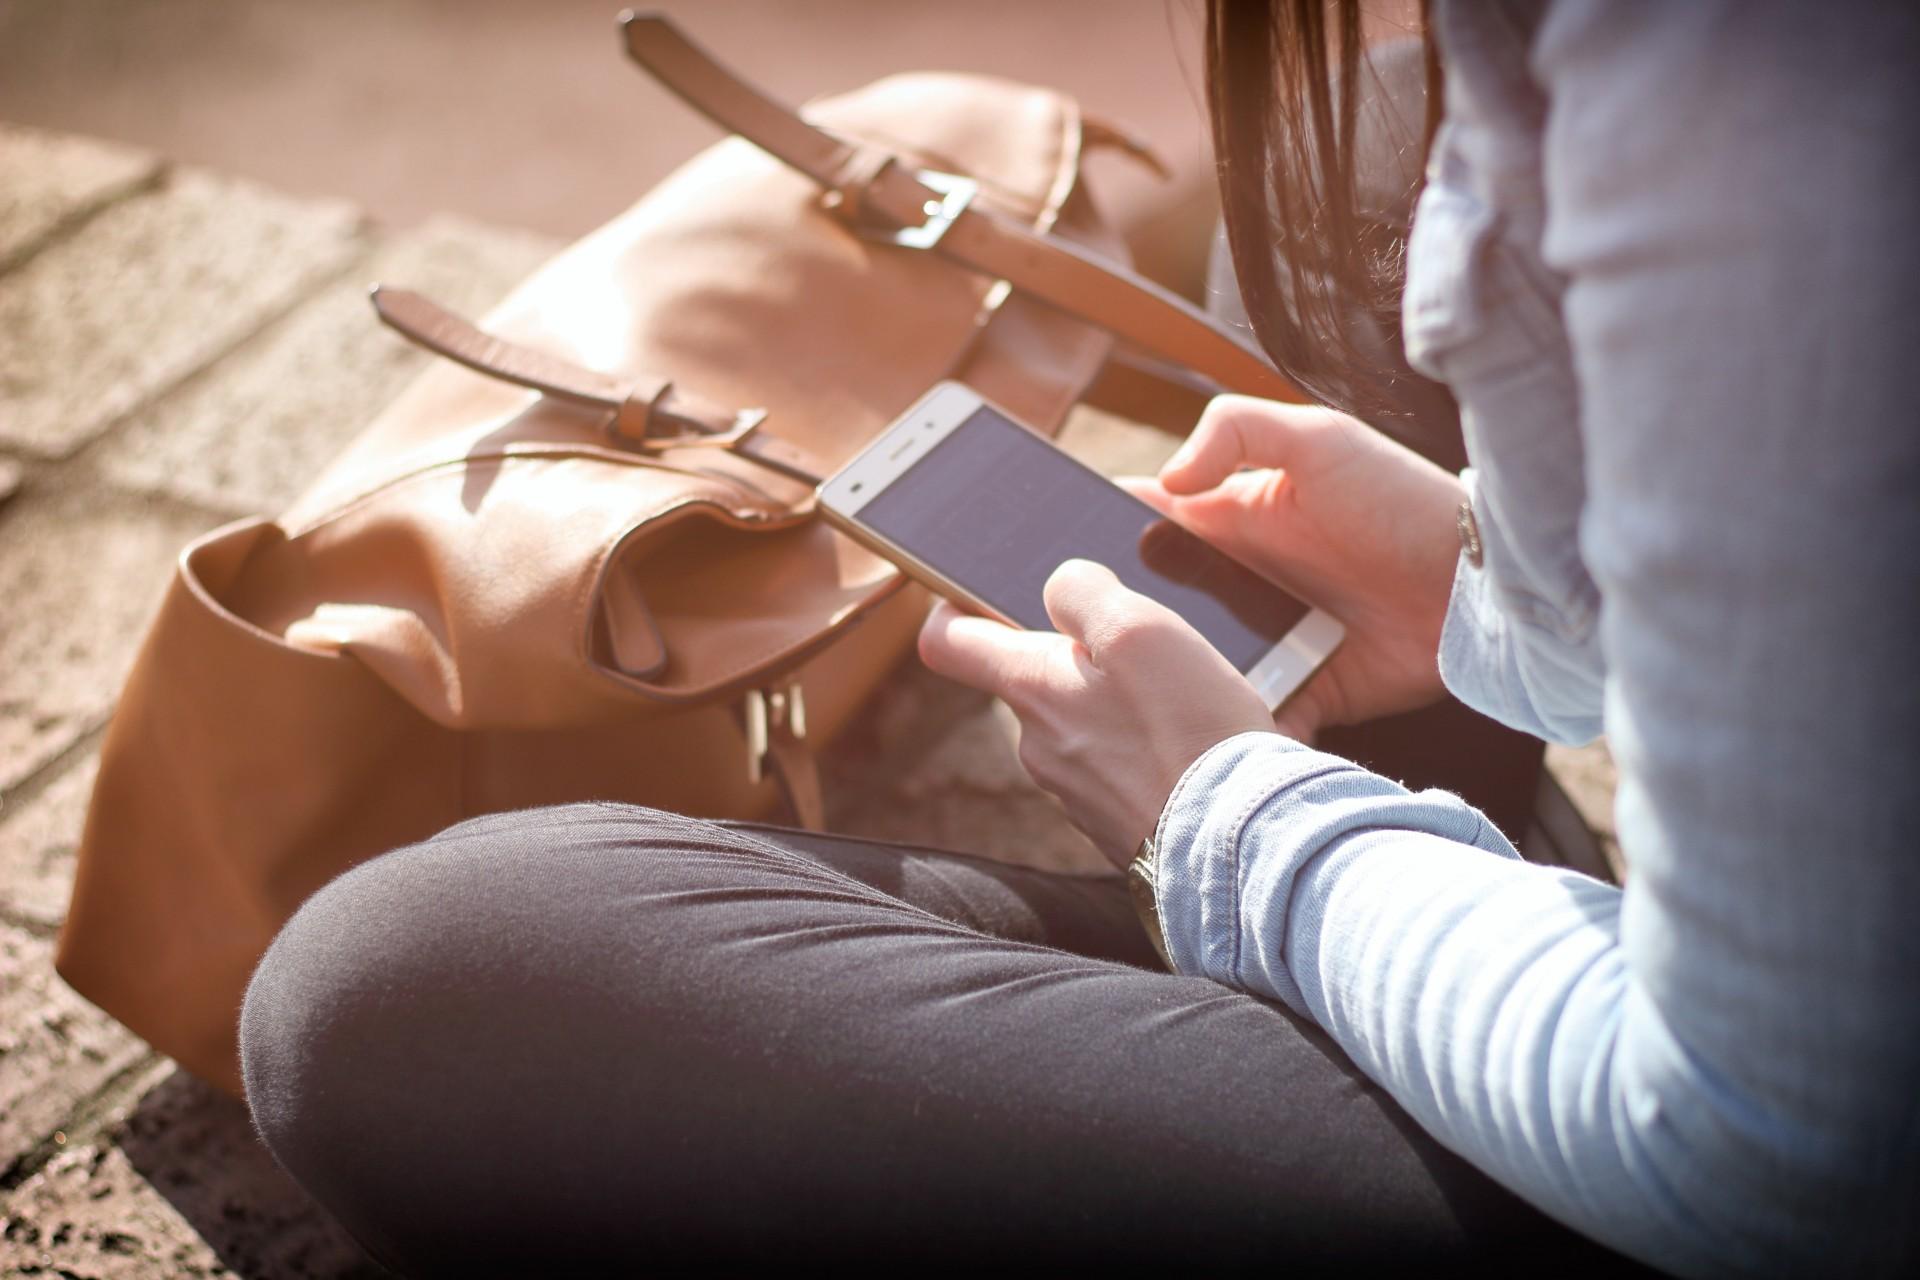 Mucho tiempo frente al móvil empeora la visión